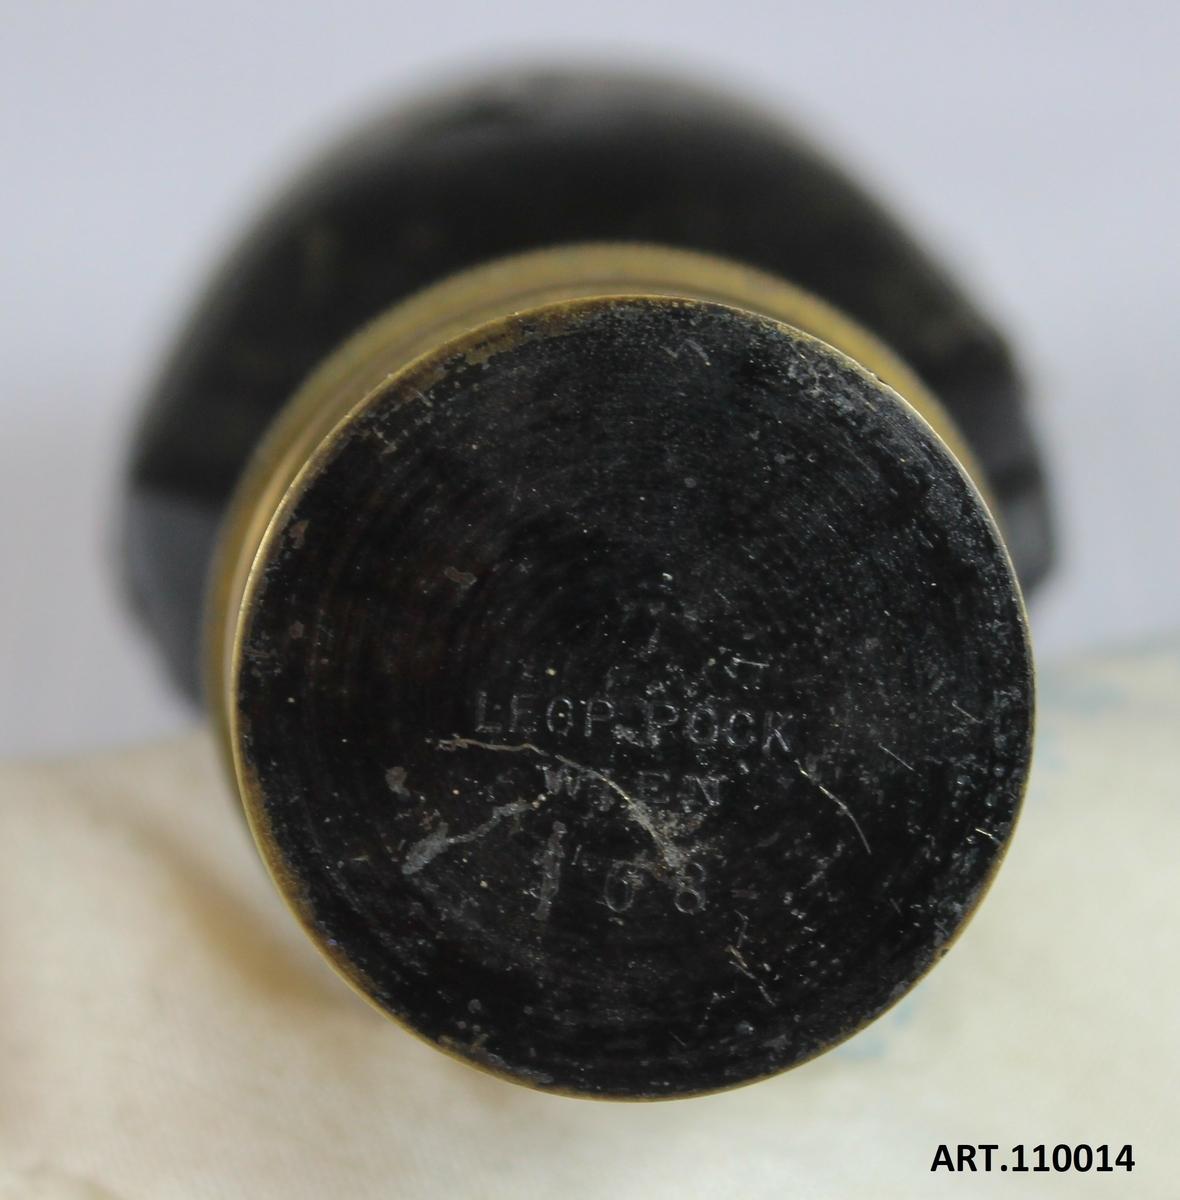 """Österrikisk, typ """"Pock"""". Tillverkare, Leopold Pock, Wien. Individnummer 368"""